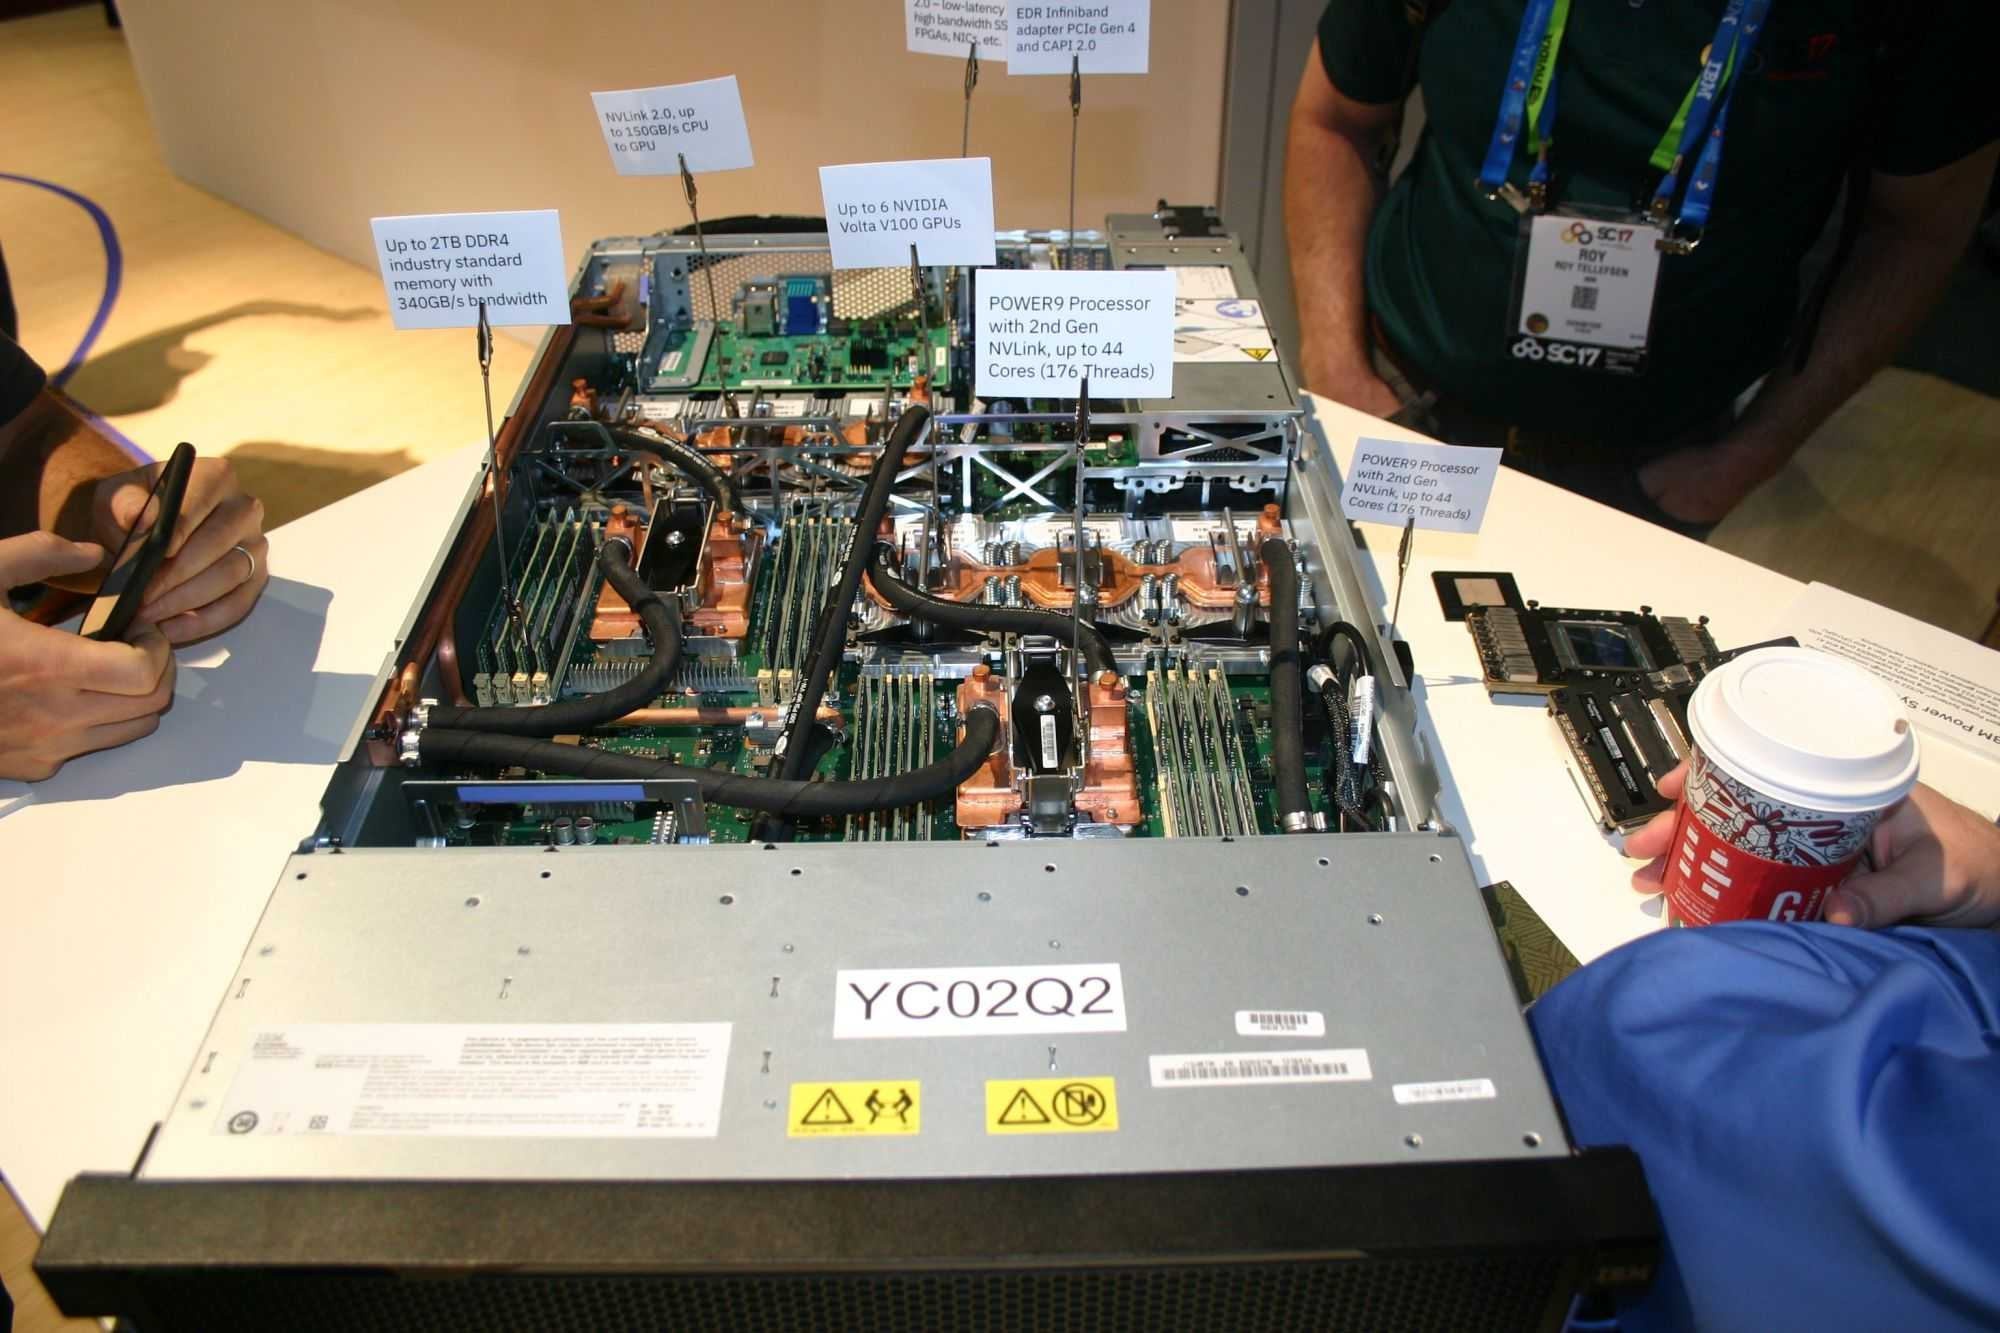 IBM Power 922SC mit bis zu 6 NVidia Volta-GPUs, verknüpft mit Nvlink2 kommt auf eine Spitzenleistung von über 30 TFlops bei doppelter Genauigkeit